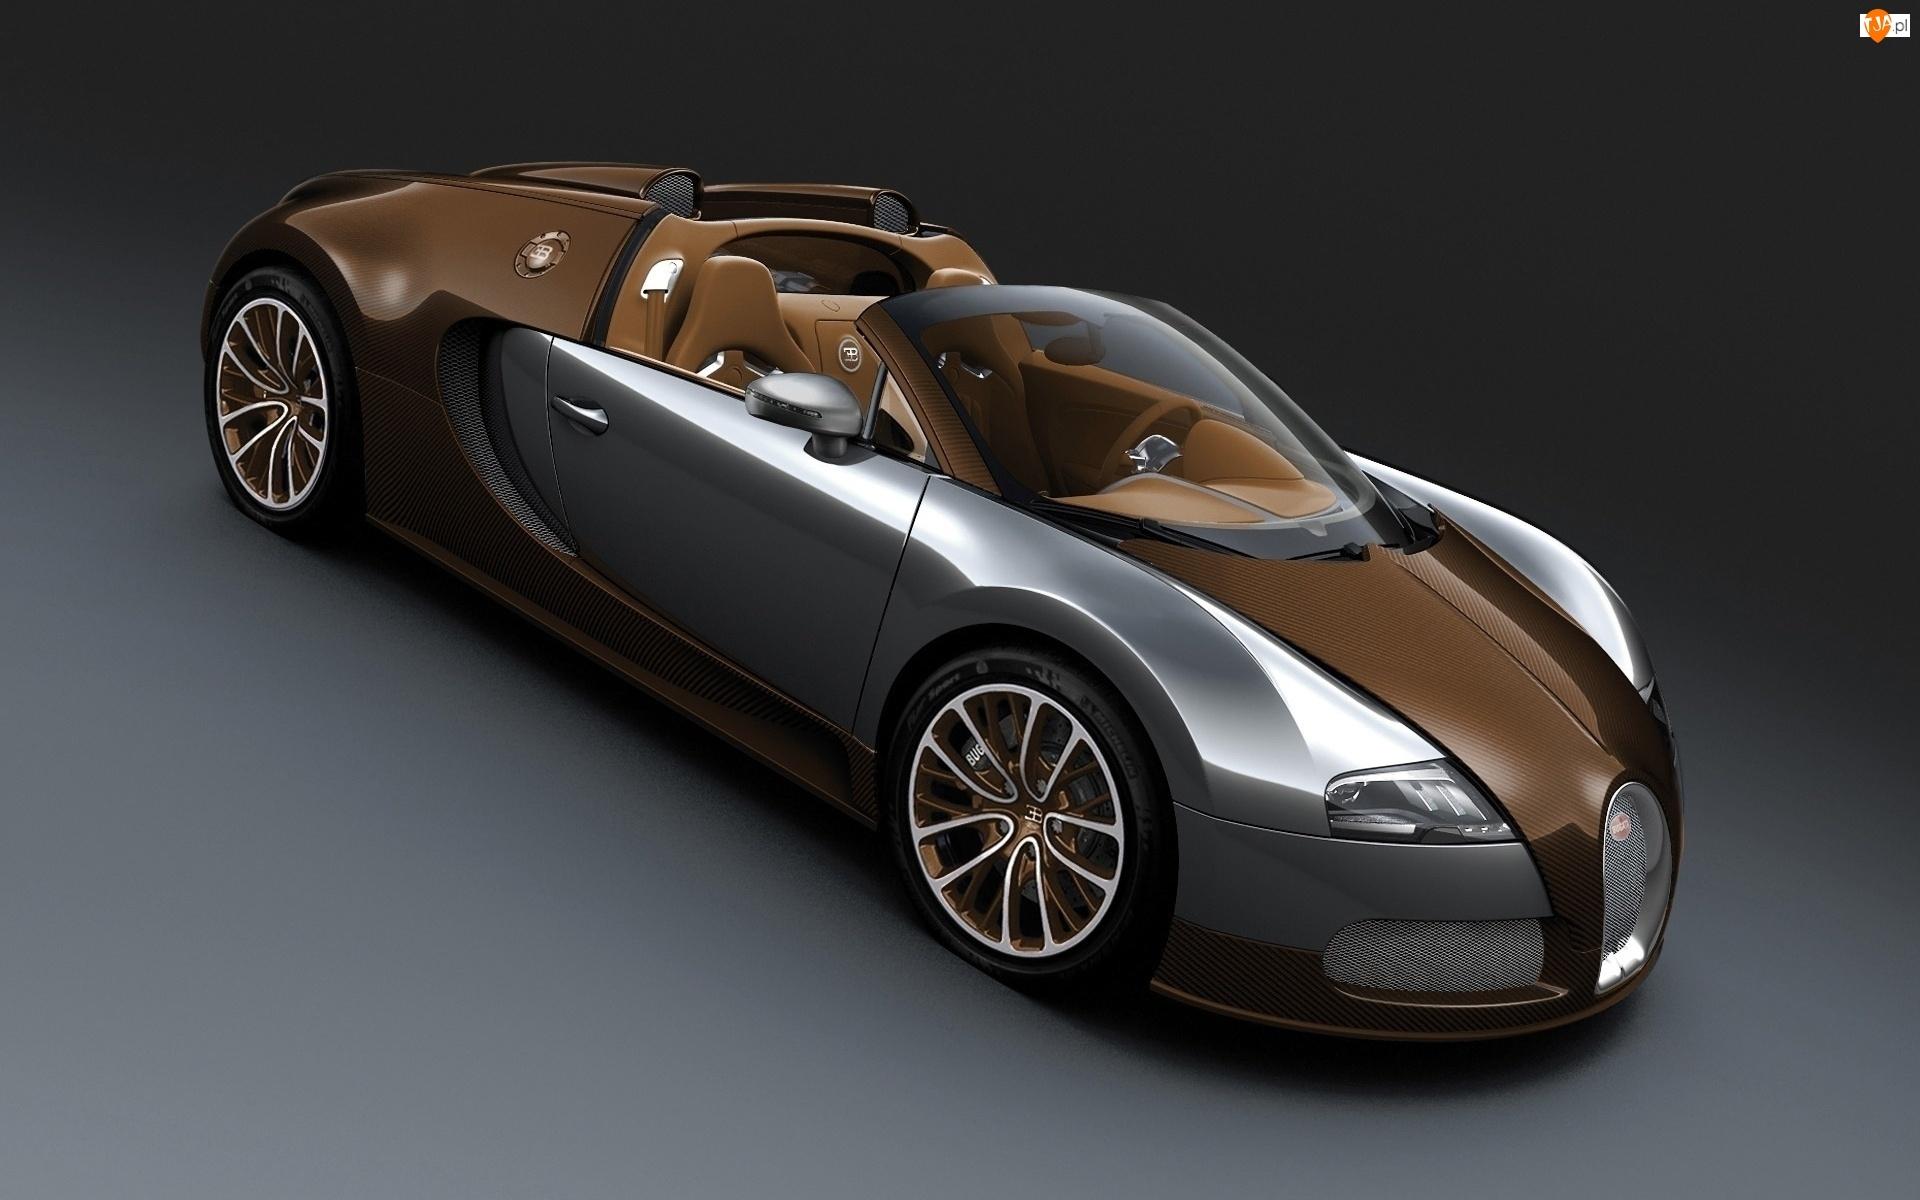 Bugatti Veyron Grand Sport Vitesse, 2014